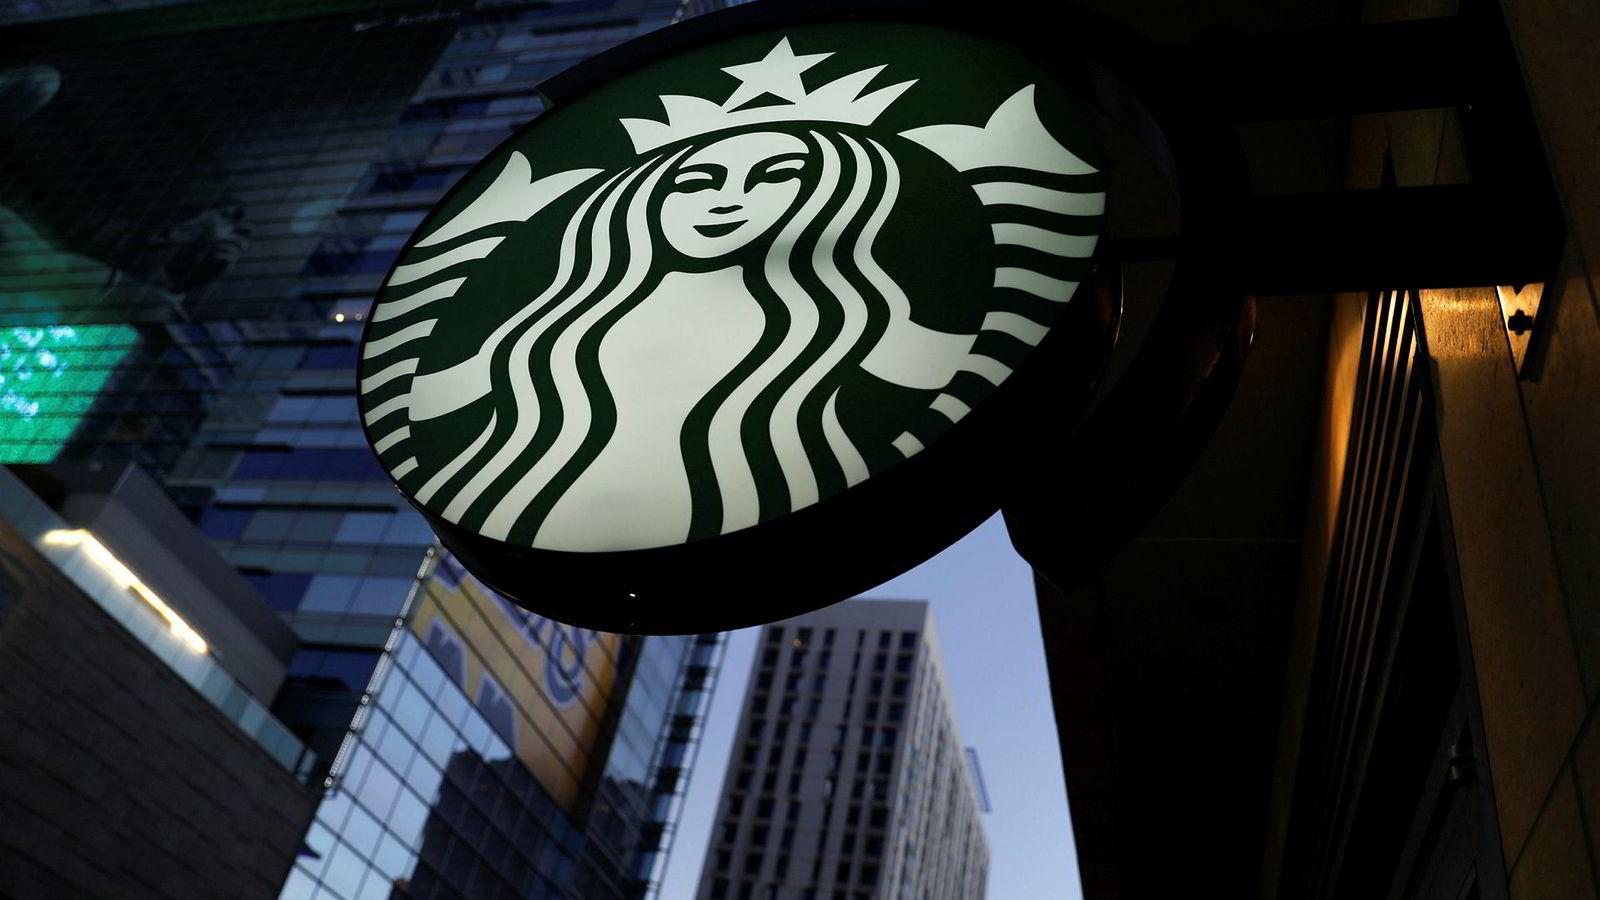 Selskaper innen detaljhandel er mer negativt påvirket etter publisering av svartelisten enn firmaer i andre næringer. I 2012 ble Starbucks boikottet av forbrukere etter at det ble avslørt at selskapet ikke hadde betalt bedriftsskatt siden etableringen i Storbritannia.